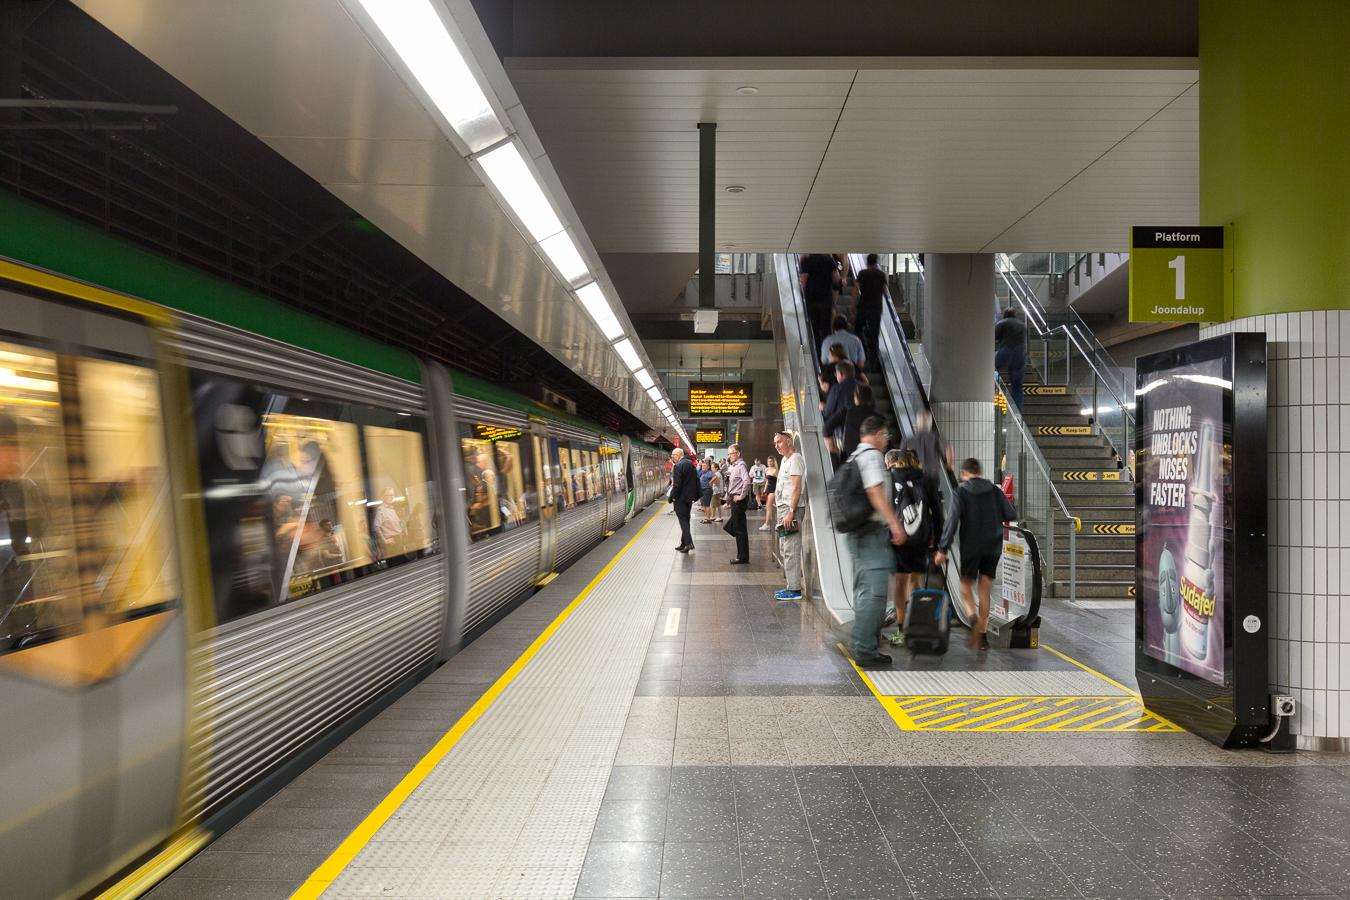 perth undergroung train station - Hera Engineering